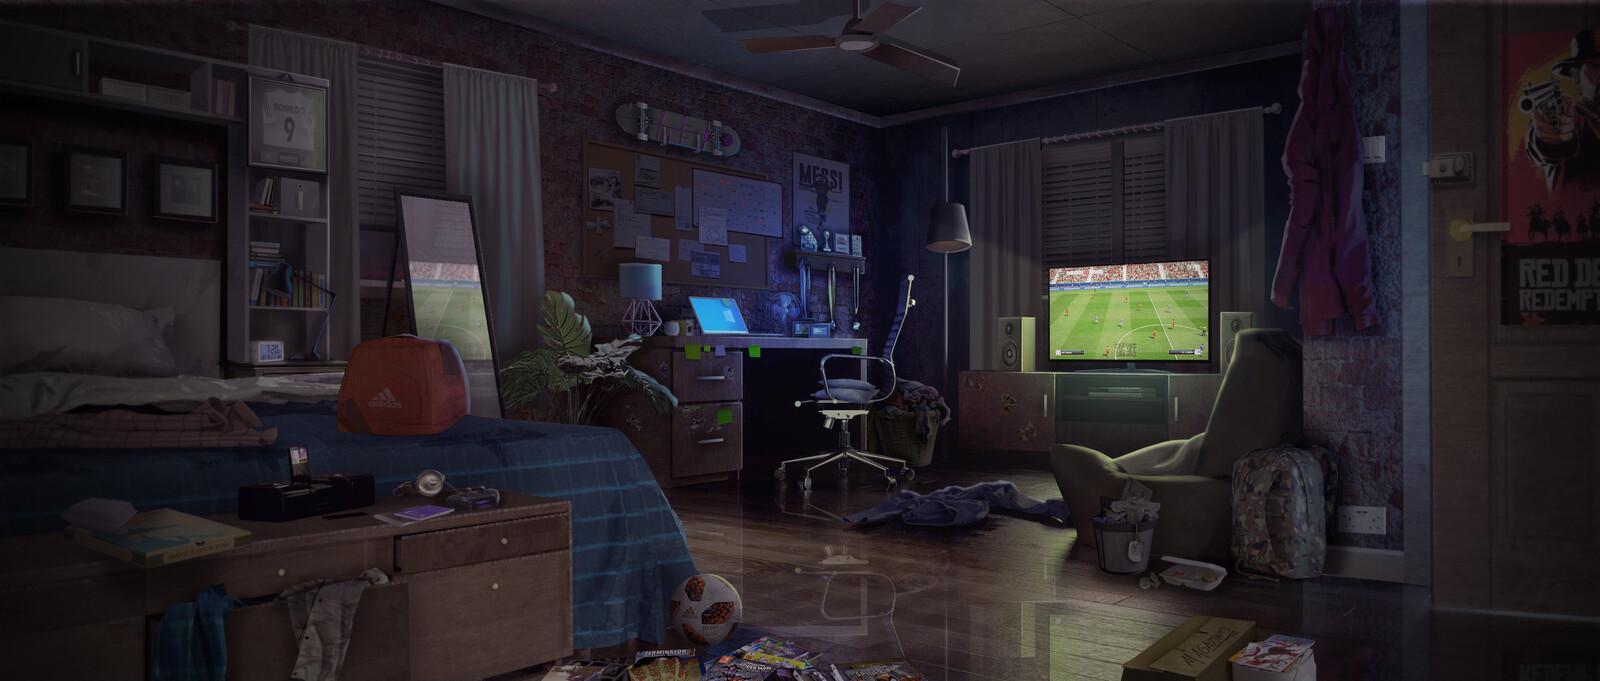 Teenager's Bedroom Concept